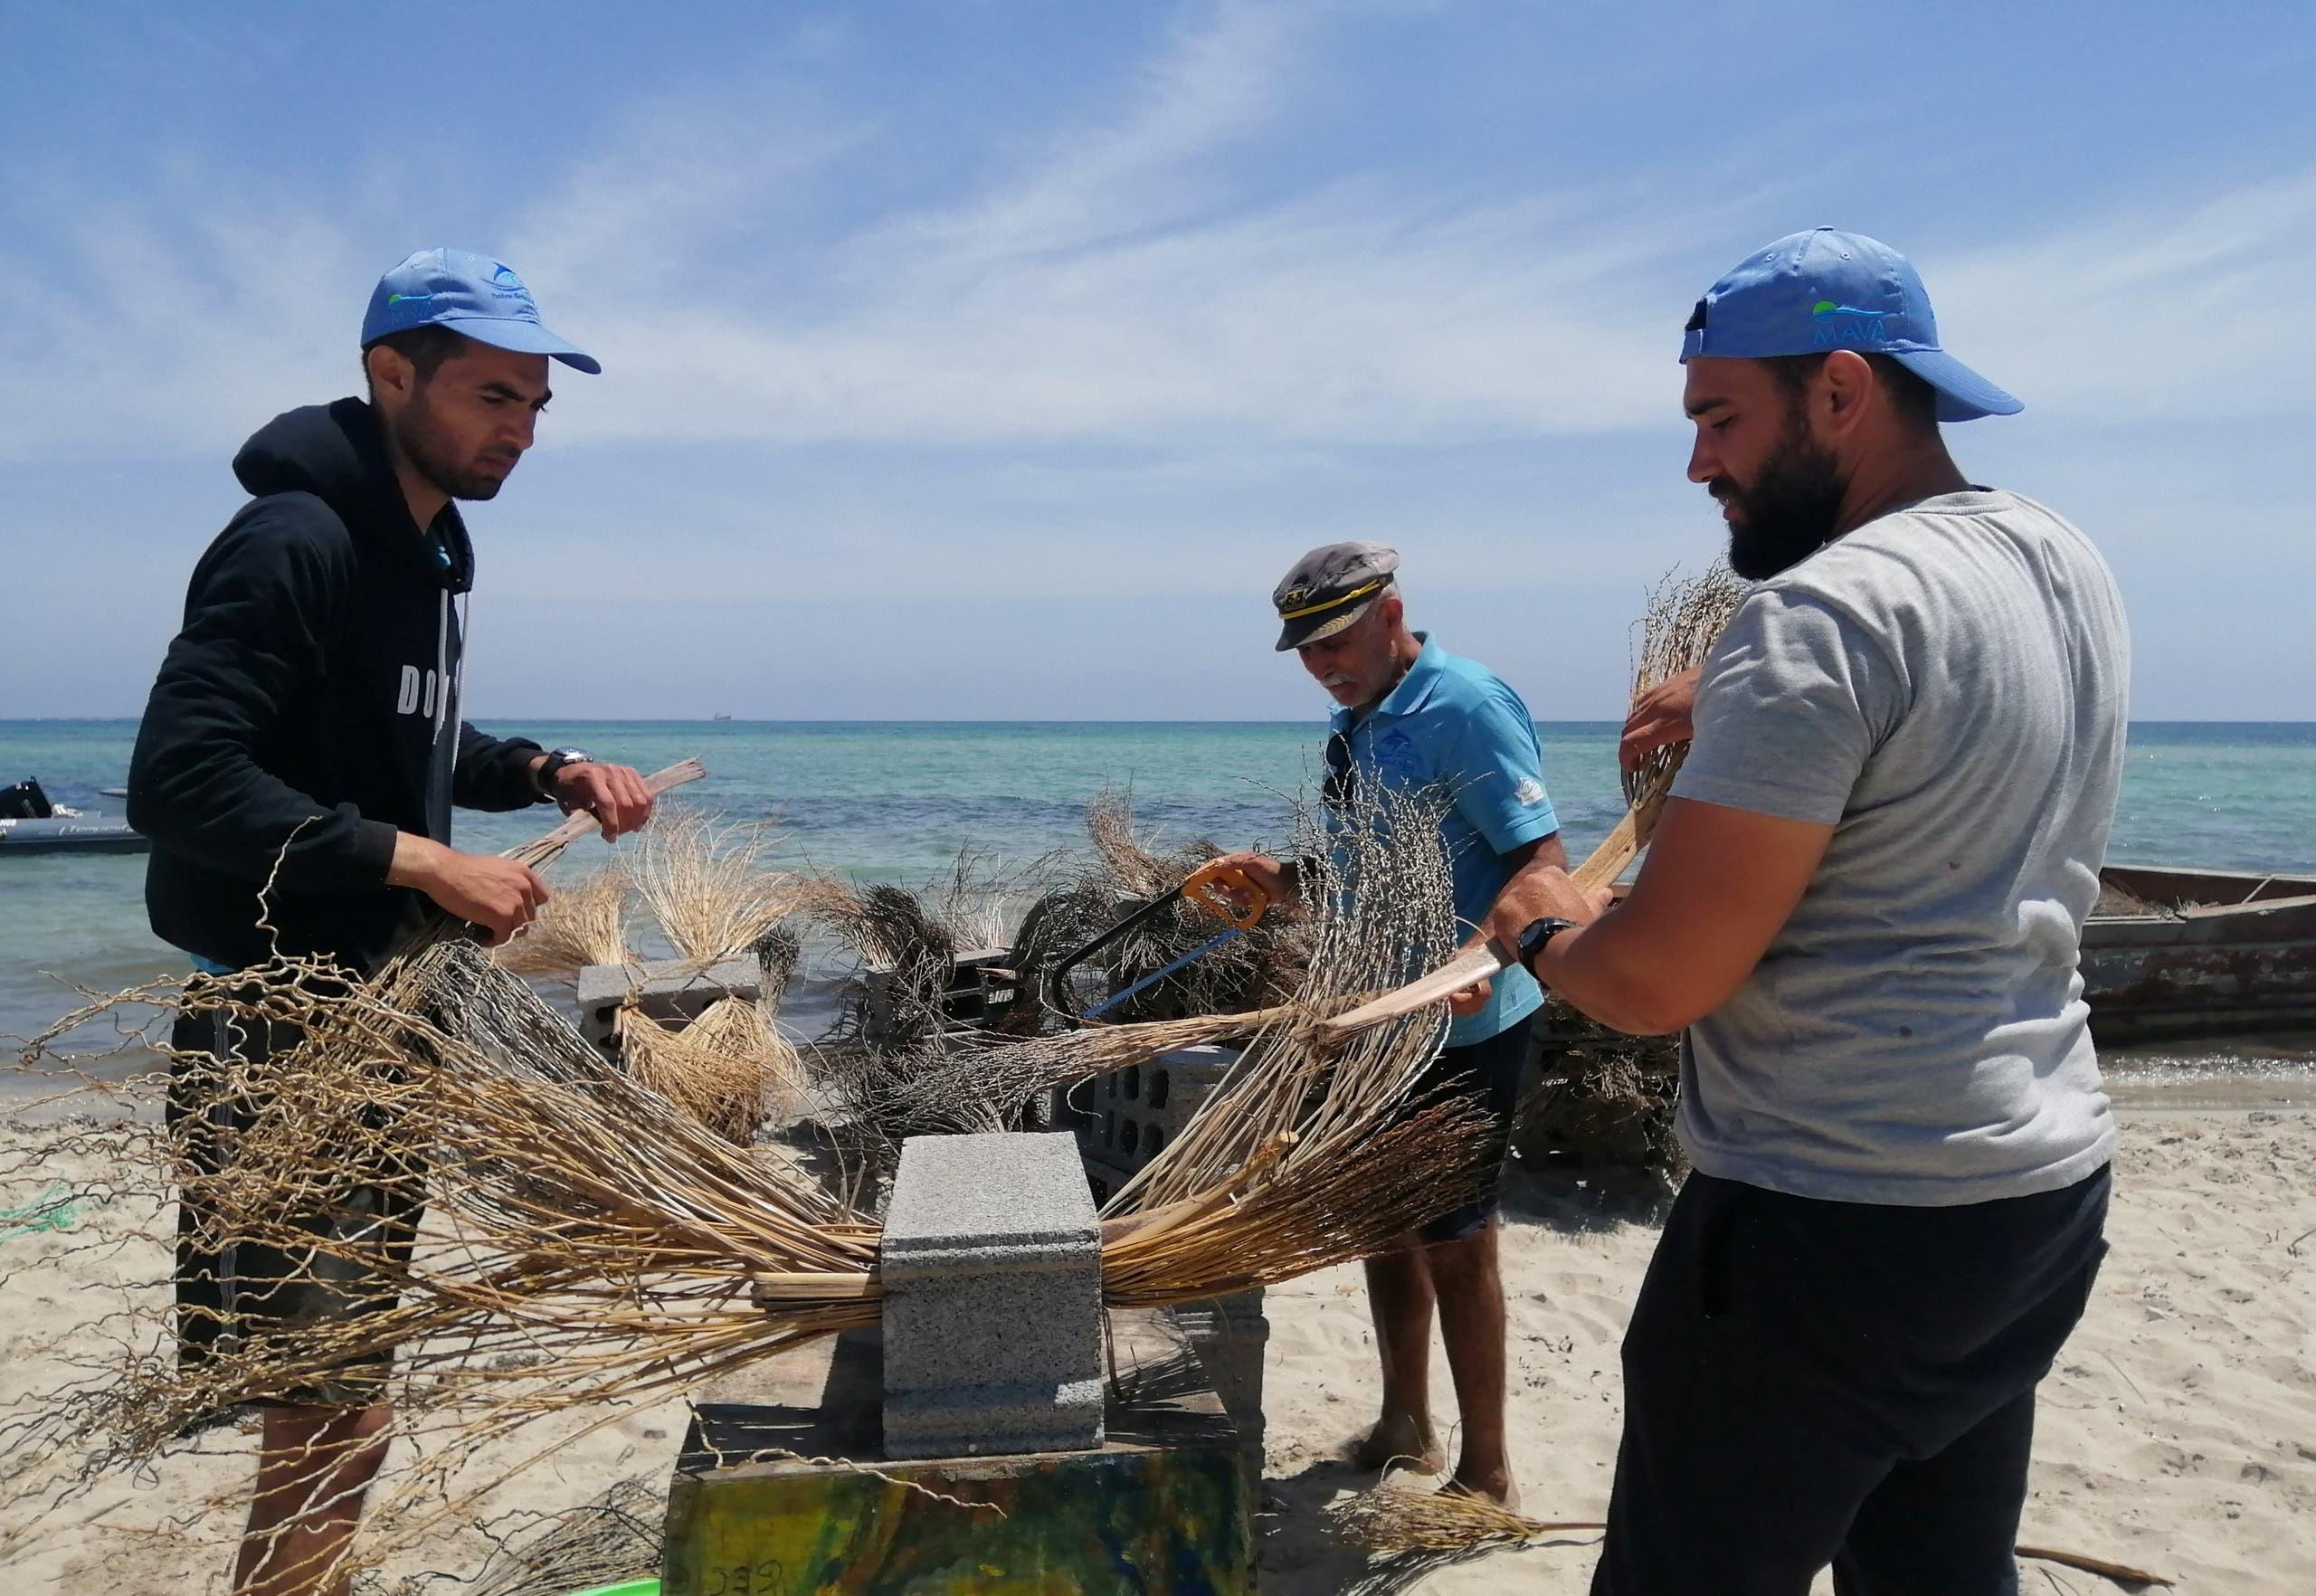 من عملية زرع الشعاب الصناعية في قاع البحر بتونس